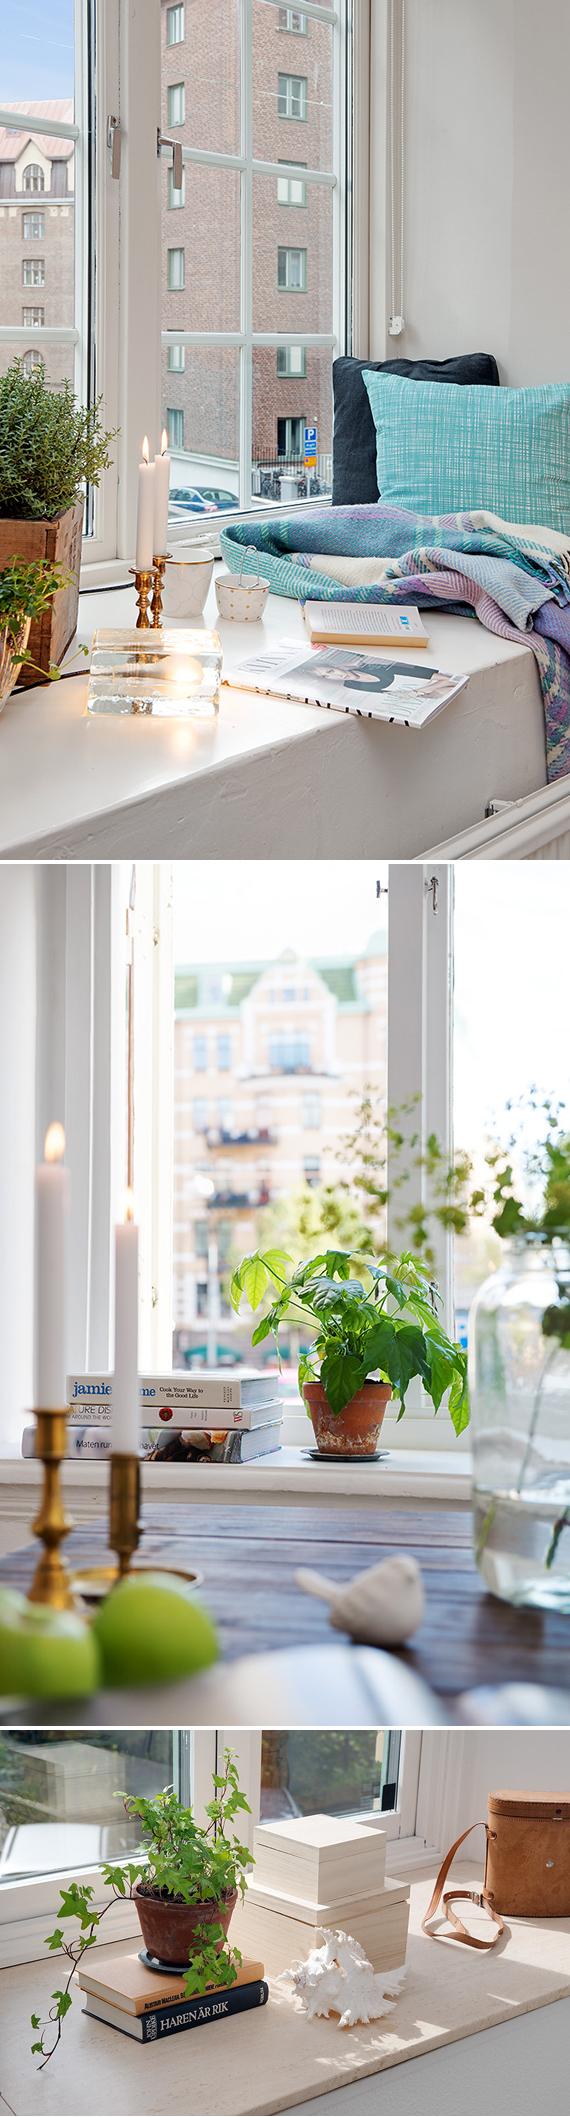 inspireramera inspirera mera fönsterbräda fönster inspiration styling